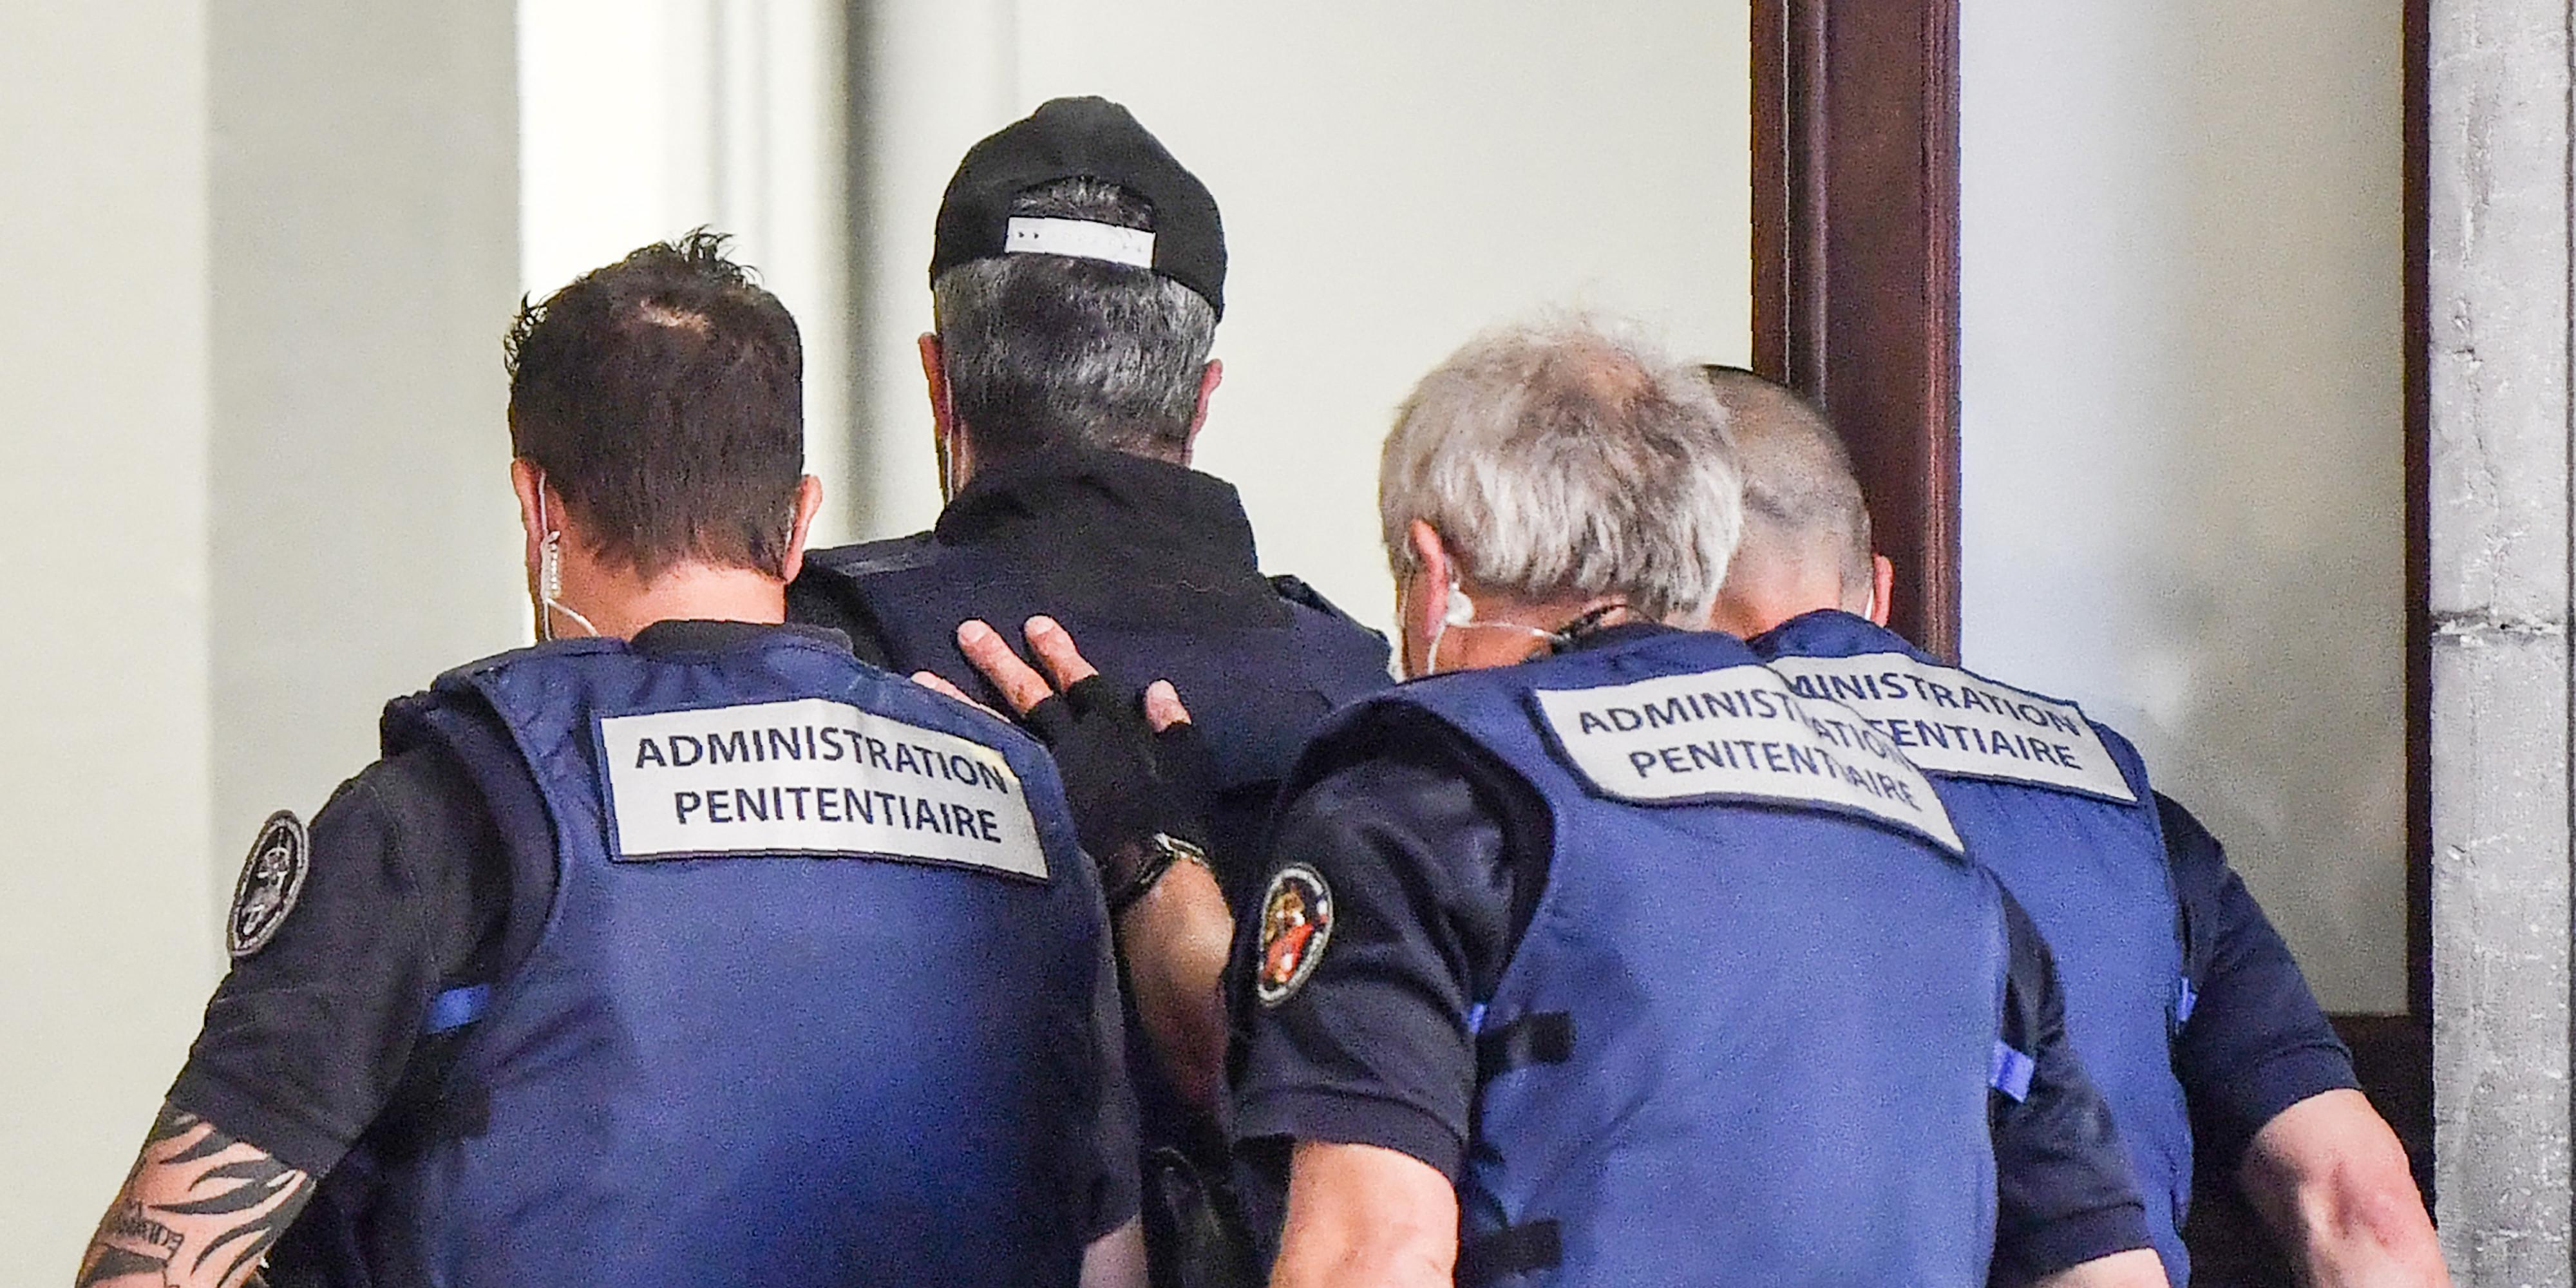 """Nordahl Lelandais condamné à 20 ans : """"Il a été jugé comme un homme ordinaire"""", estime son avocat"""